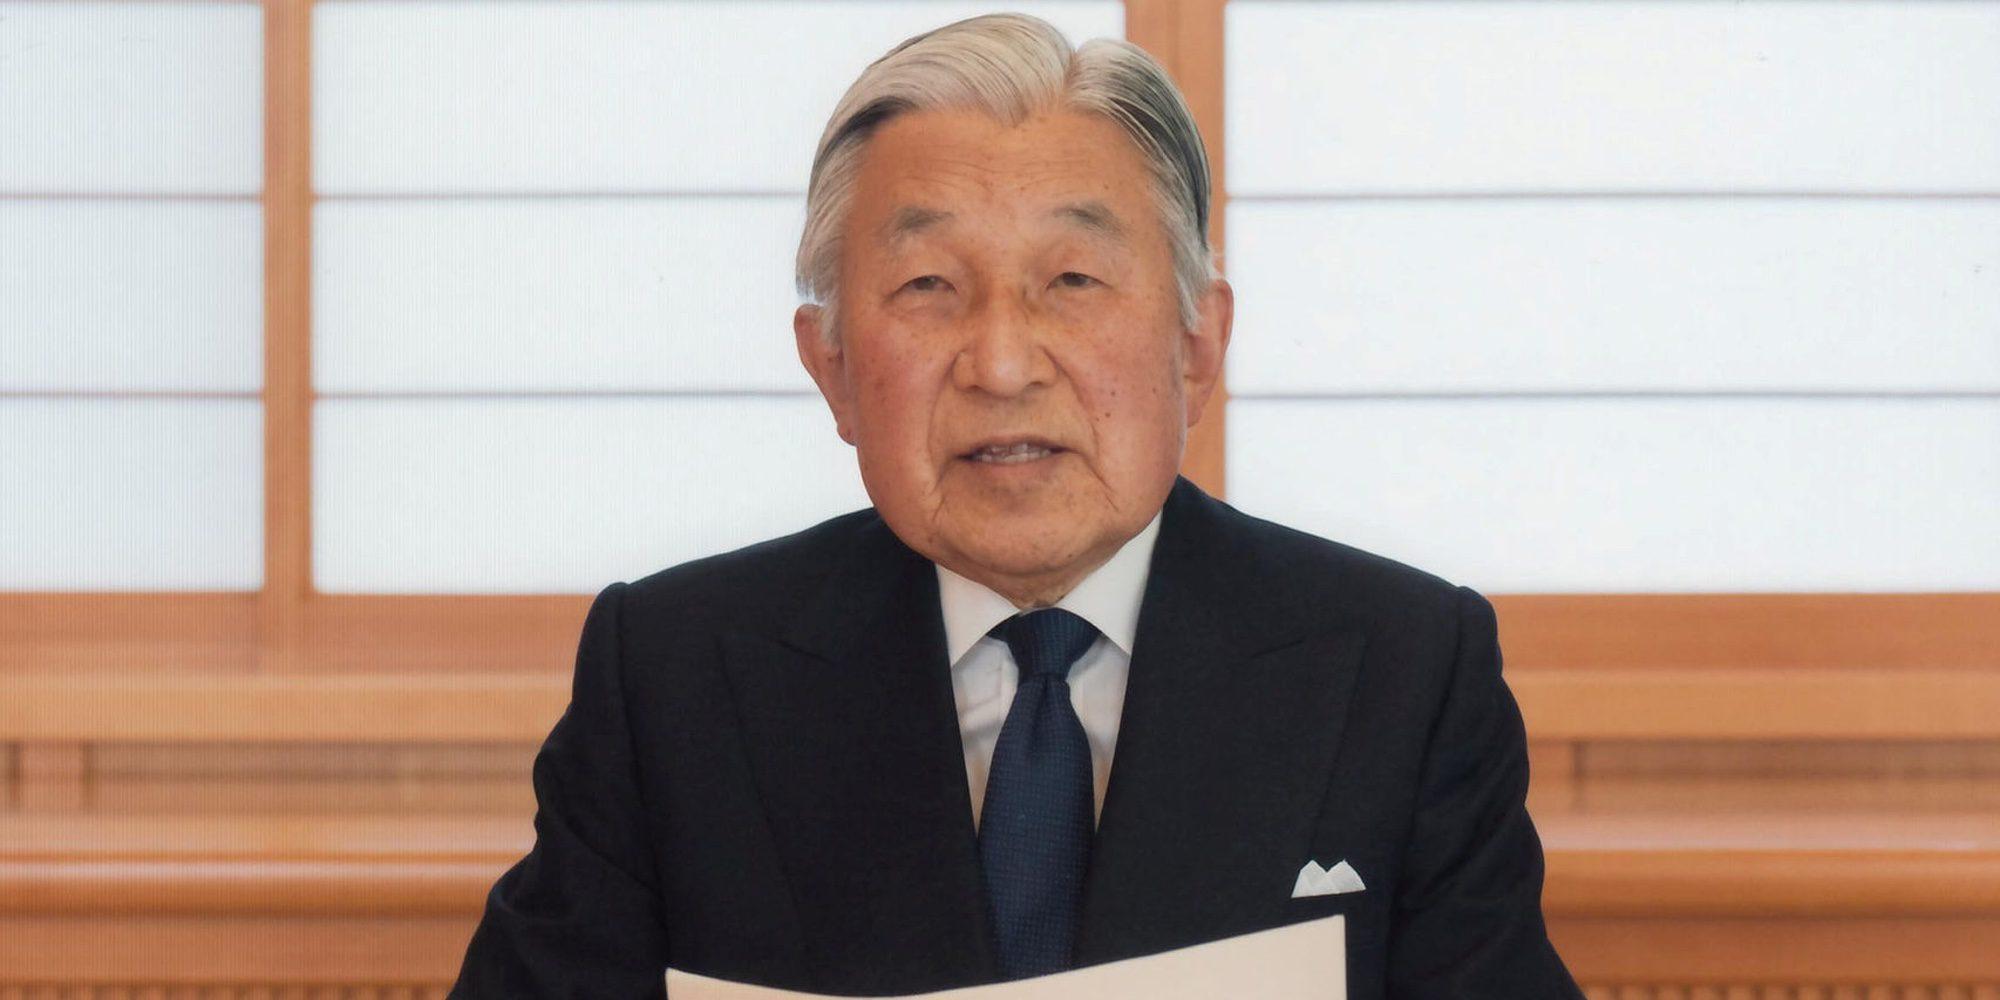 ¿Adiós al Emperador? Akihito de Japón quiere abdicar a los 82 años por motivos de salud